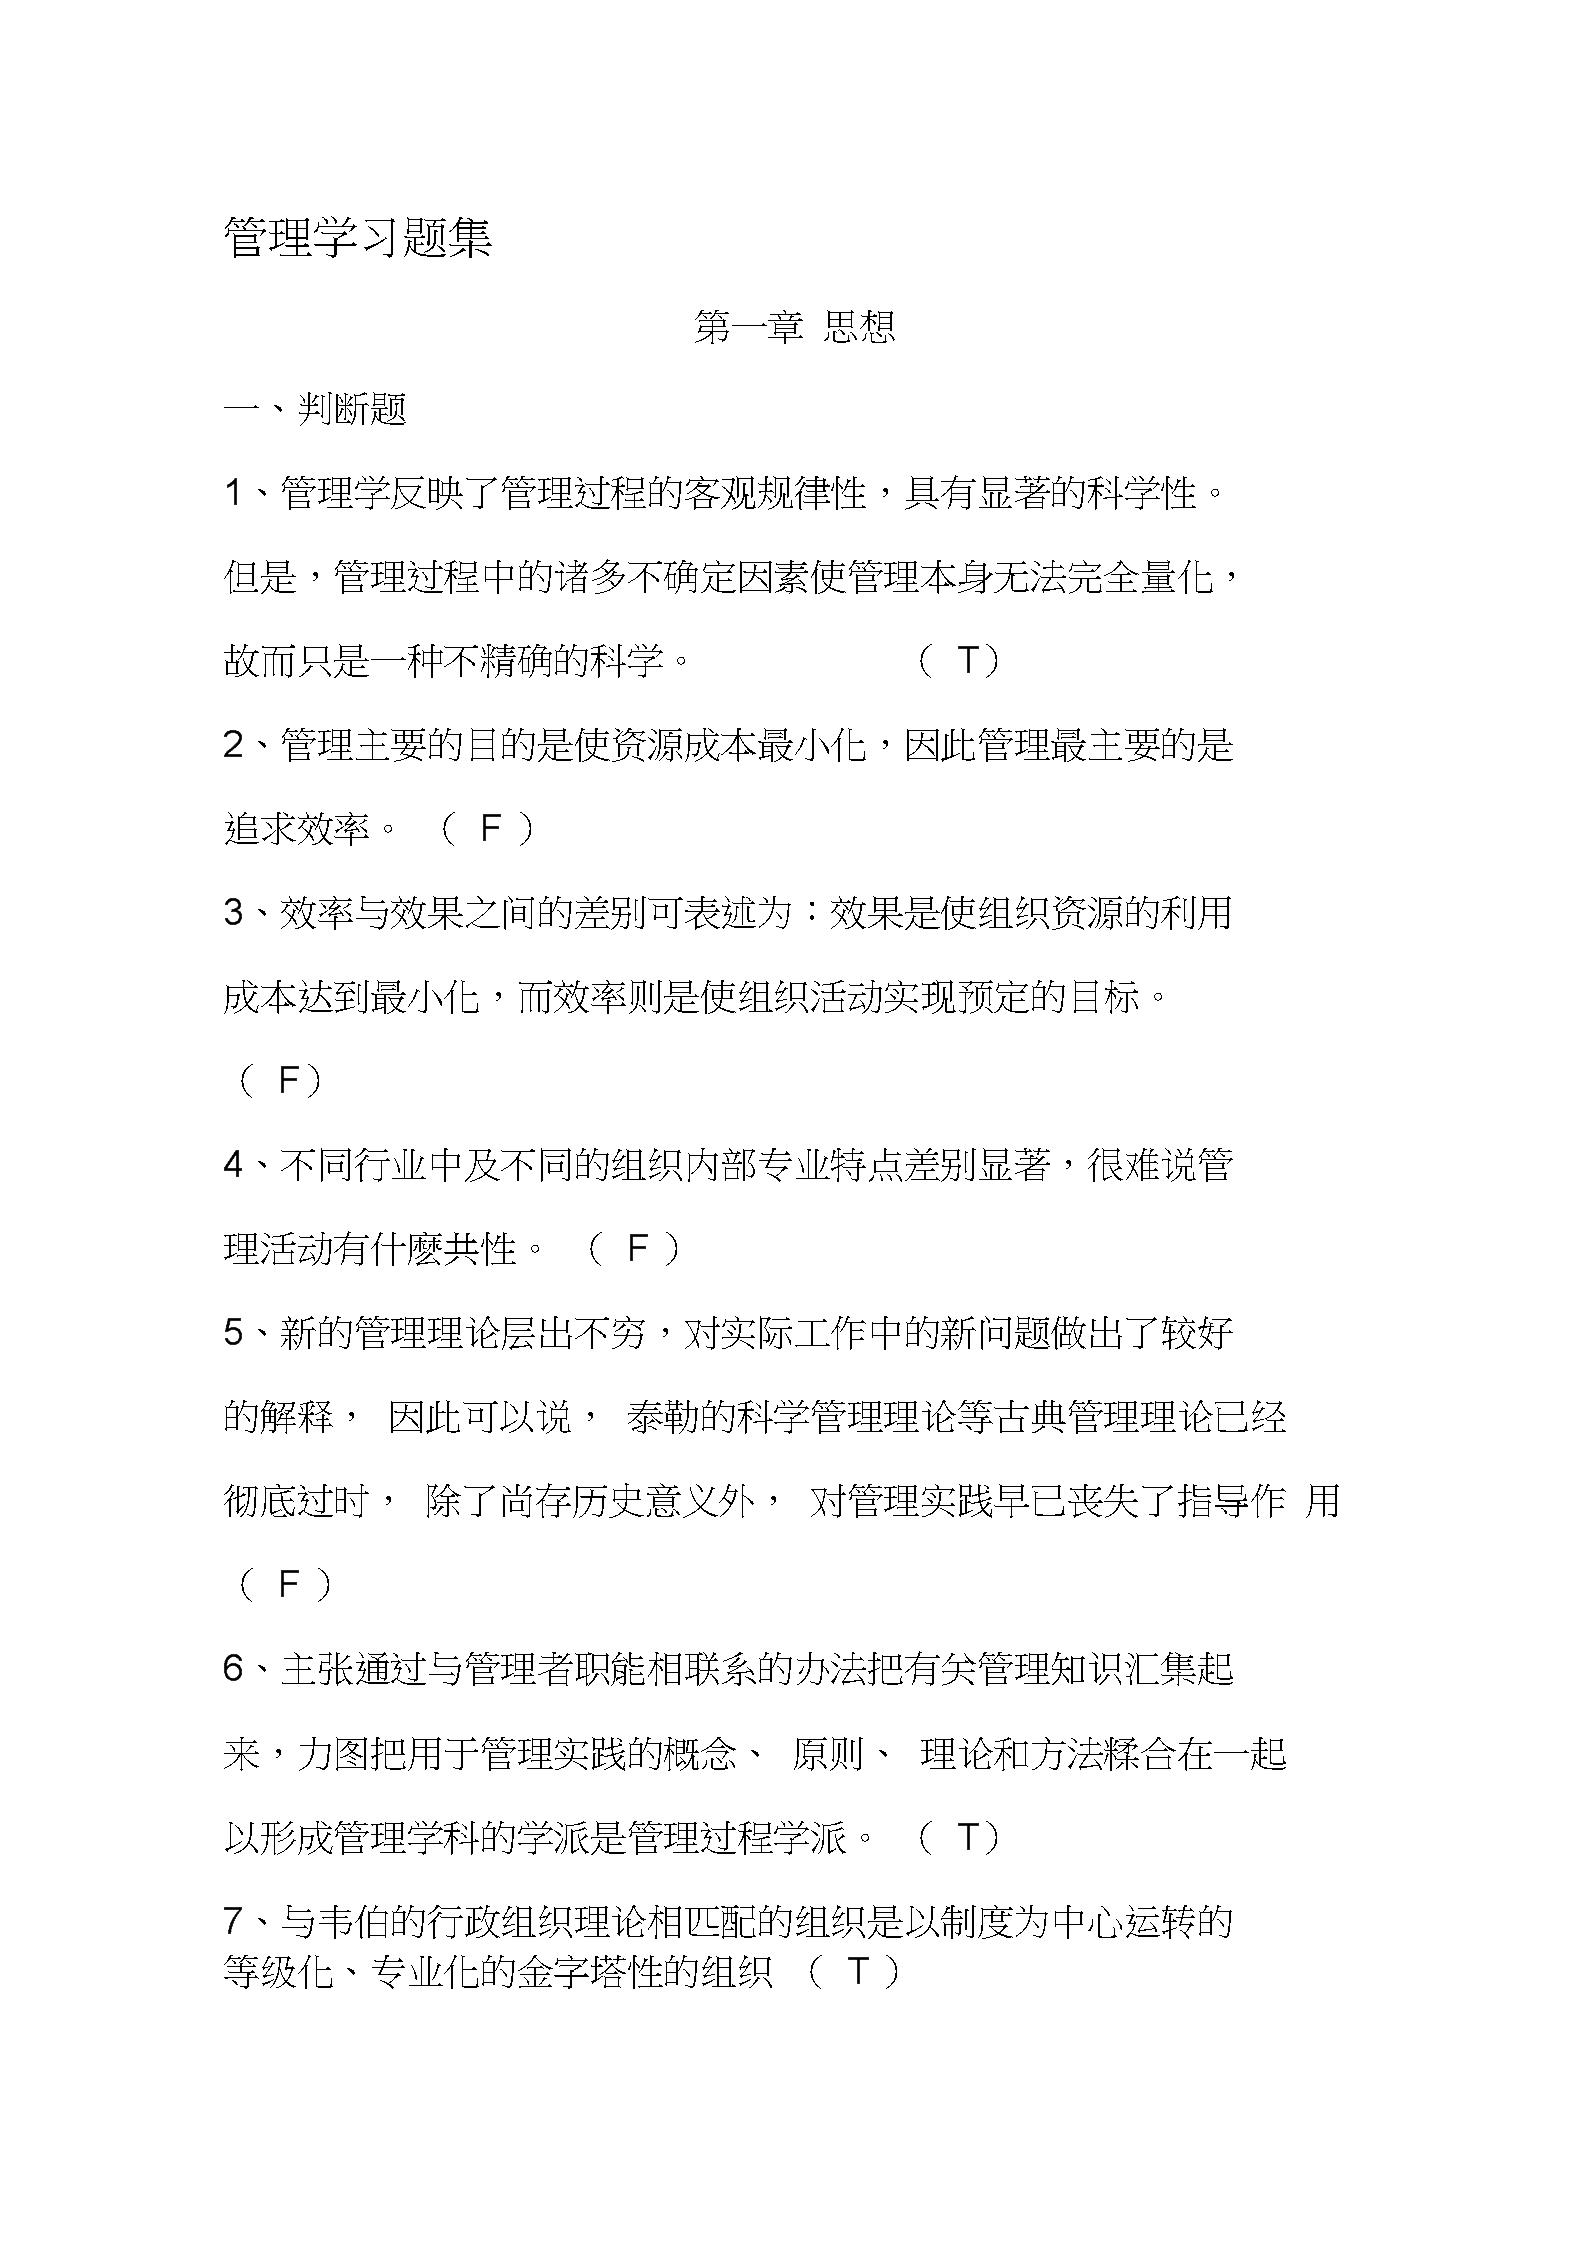 管理学课后练习题集.docx